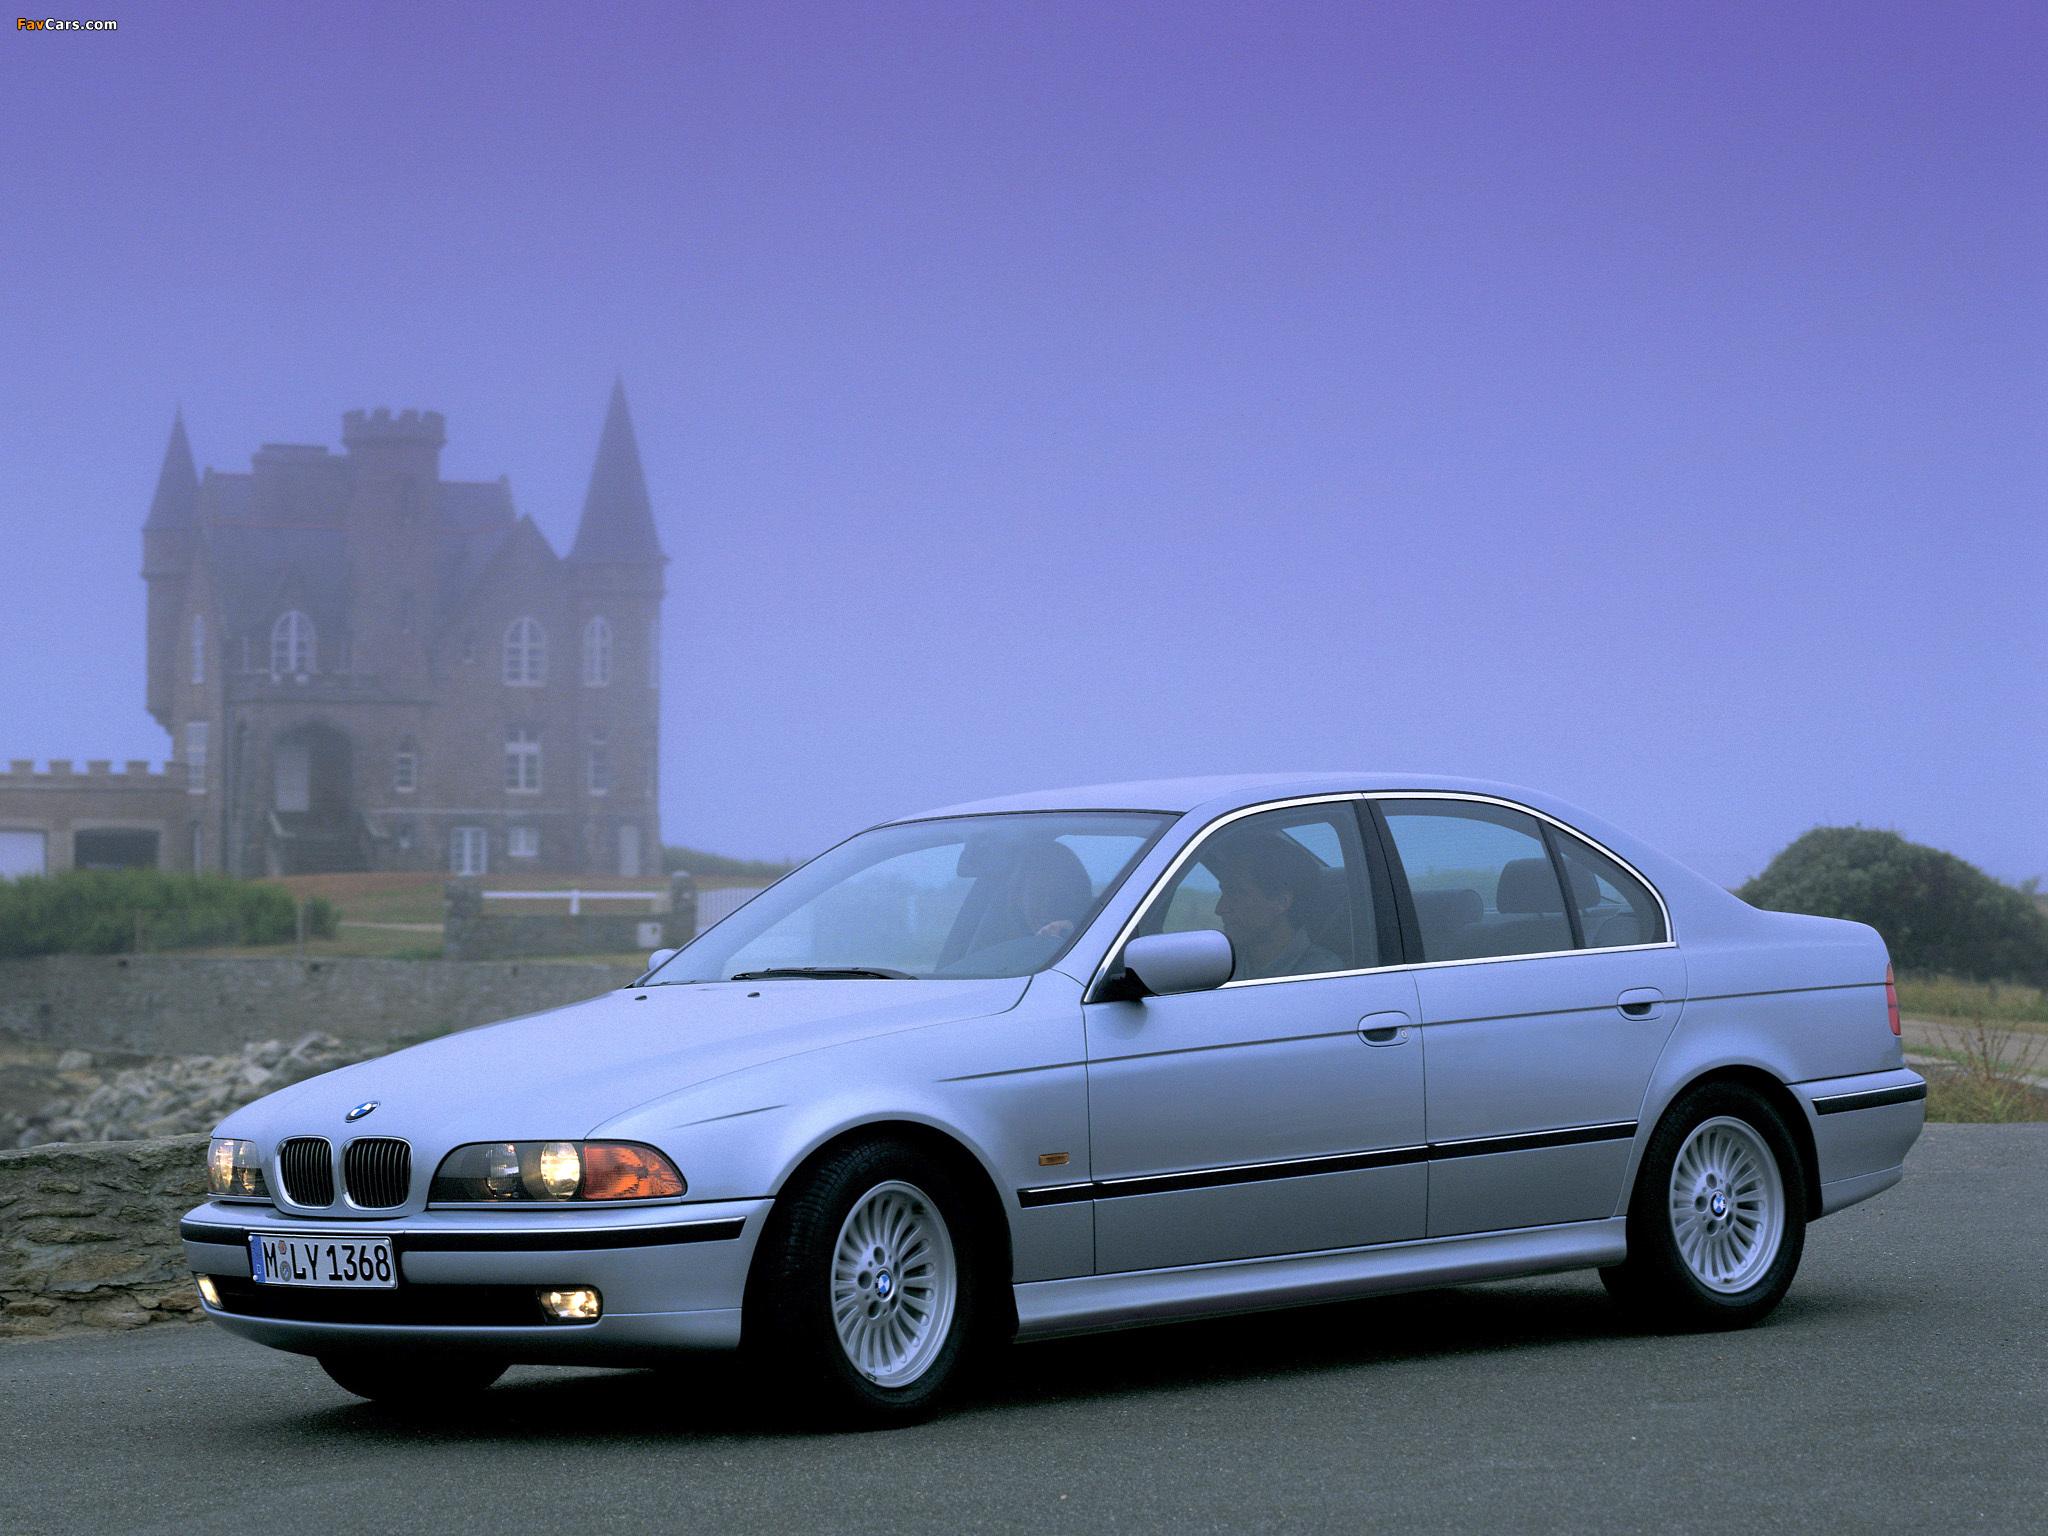 Bmw Car Hd Wallpaper Bmw 5 Series Sedan E39 1995 2003 Wallpapers 2048x1536